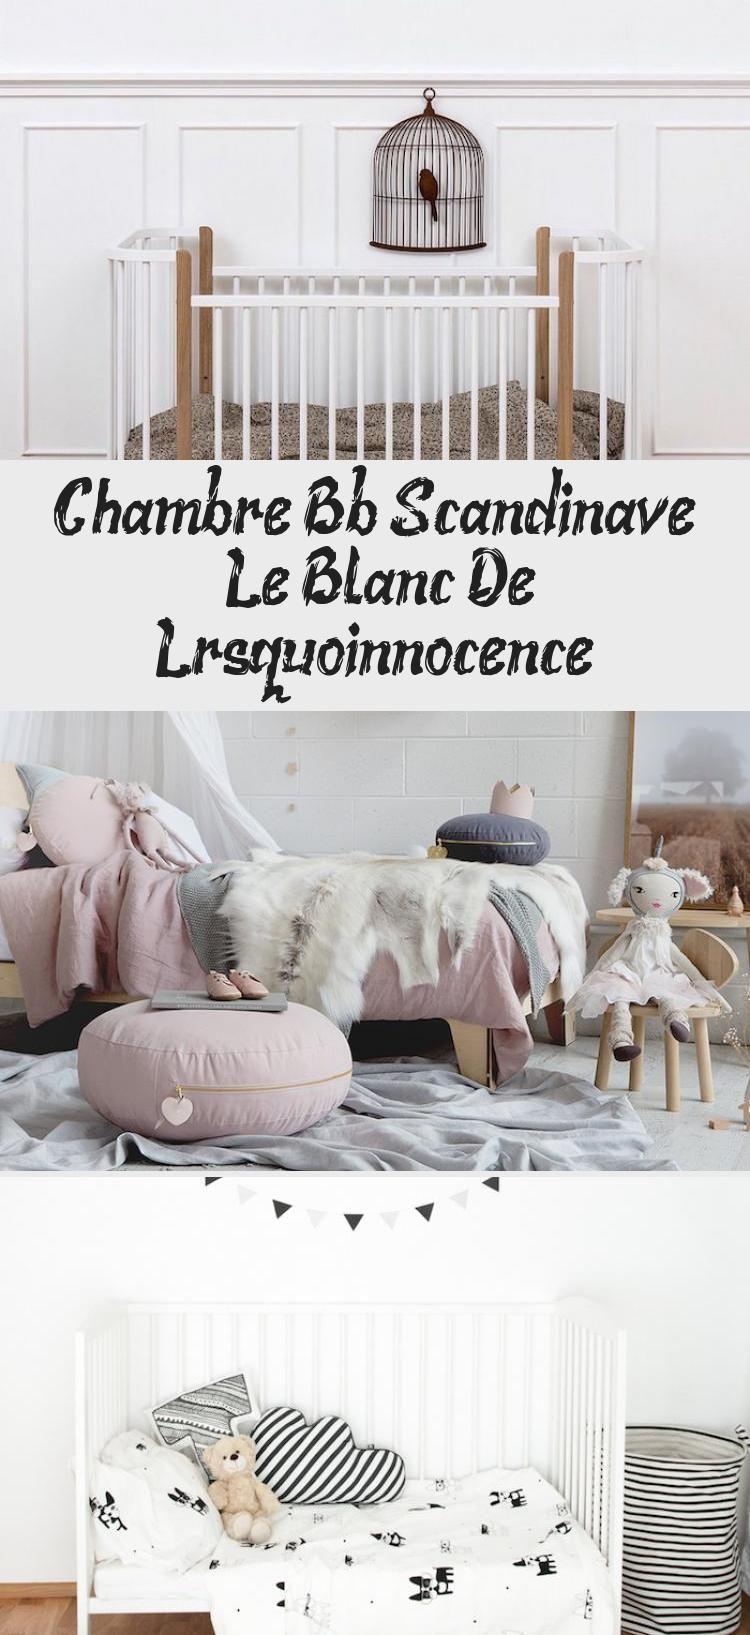 Chambre Bebe Scandinave Le Blanc De L Innocence En 2020 Avec